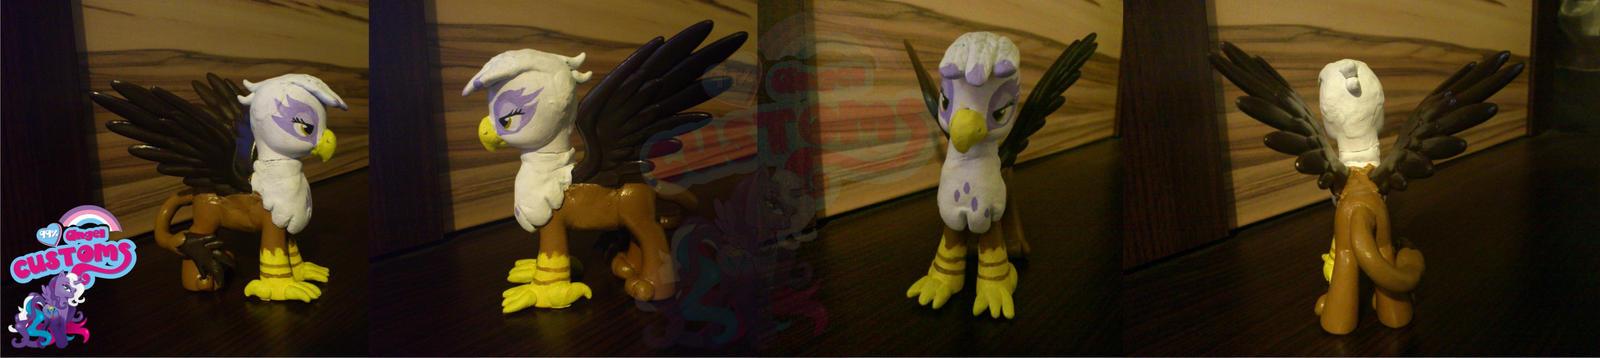 Gilda custom by angel99percent